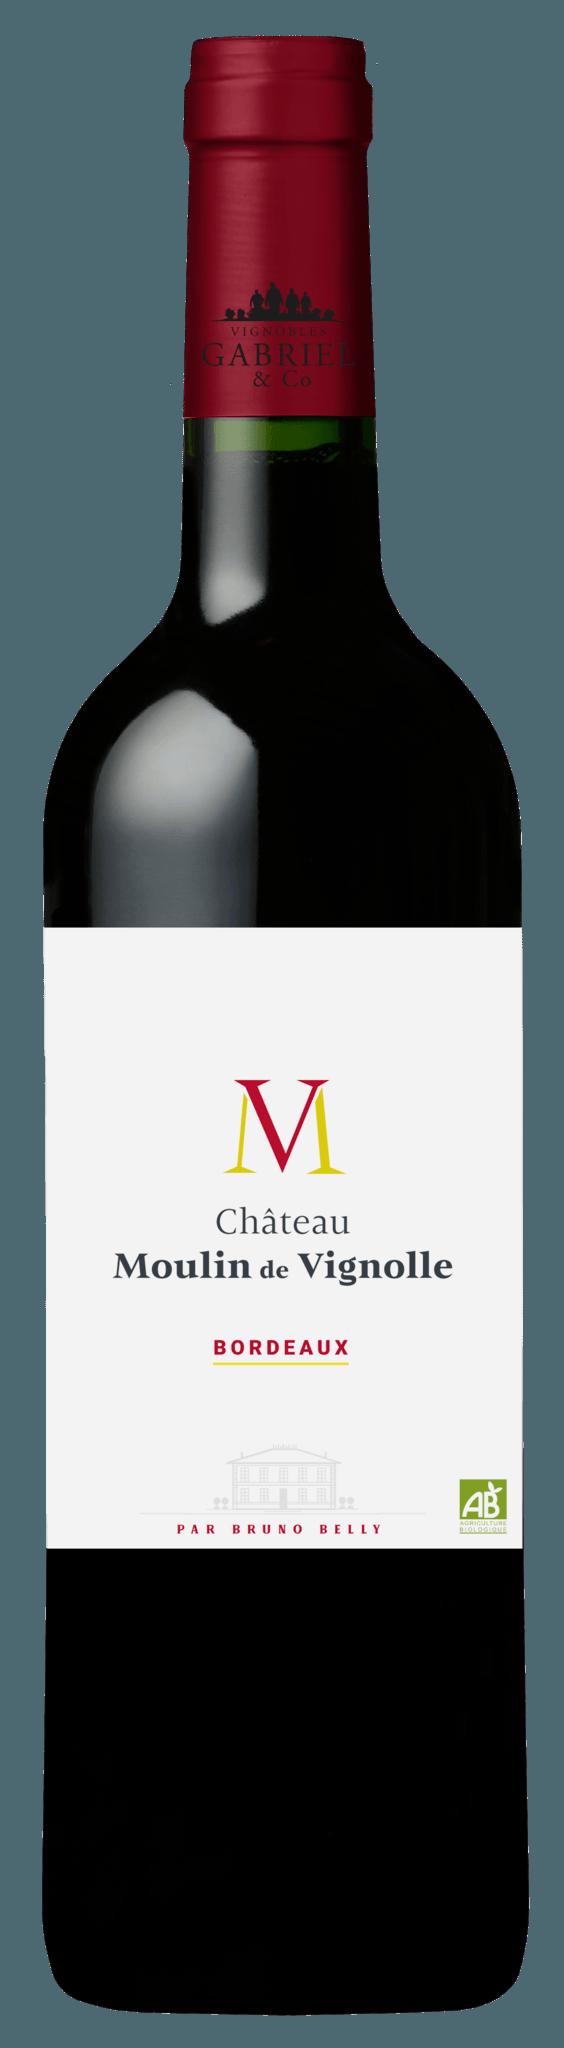 Château Moulin de Vignolle